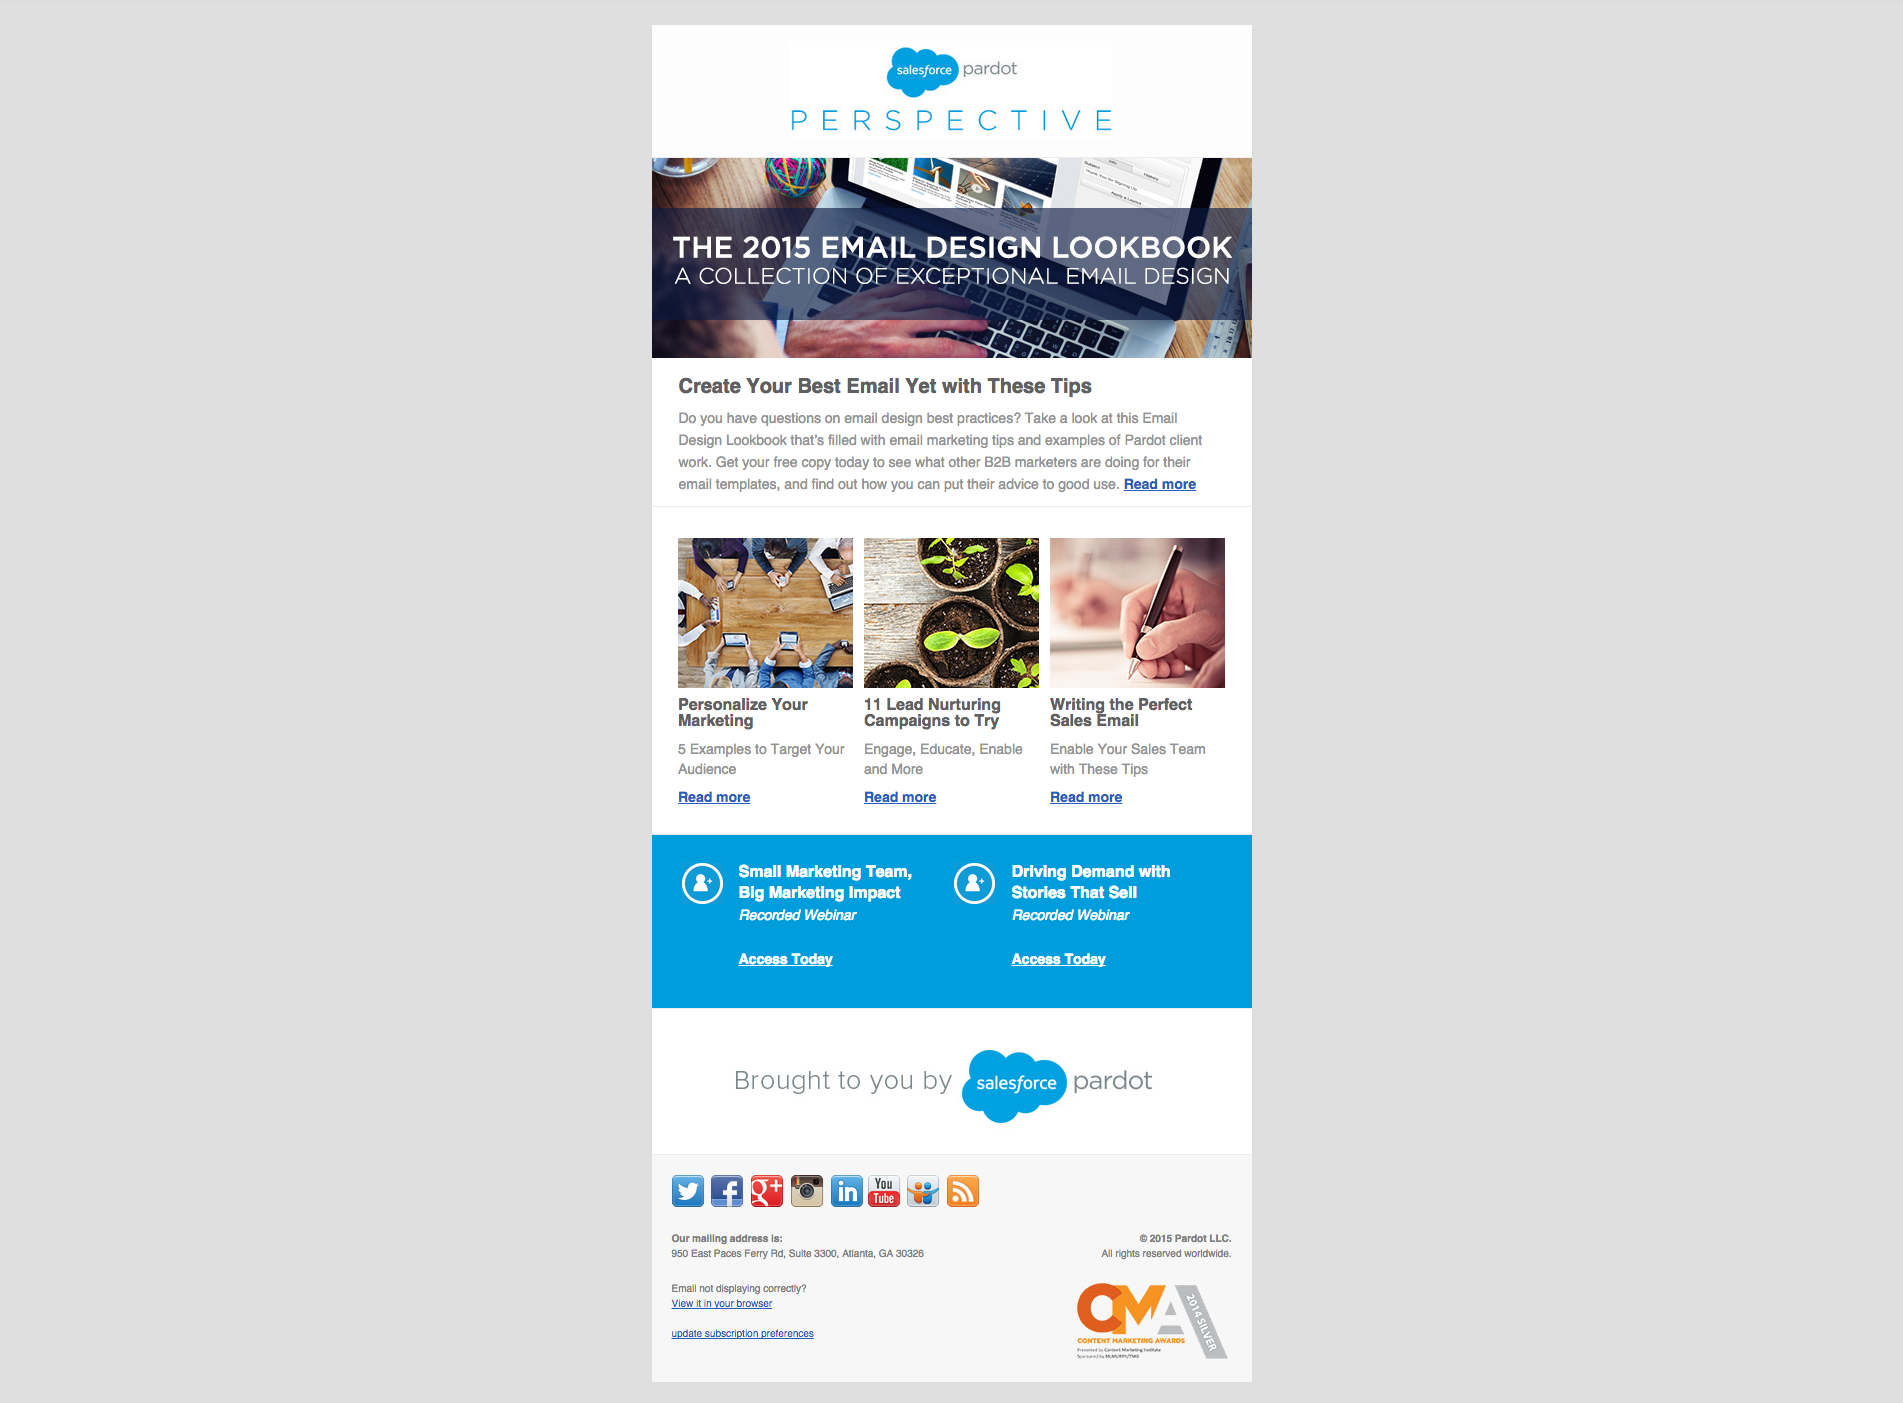 pardot newsletter design awesome header layout developer email